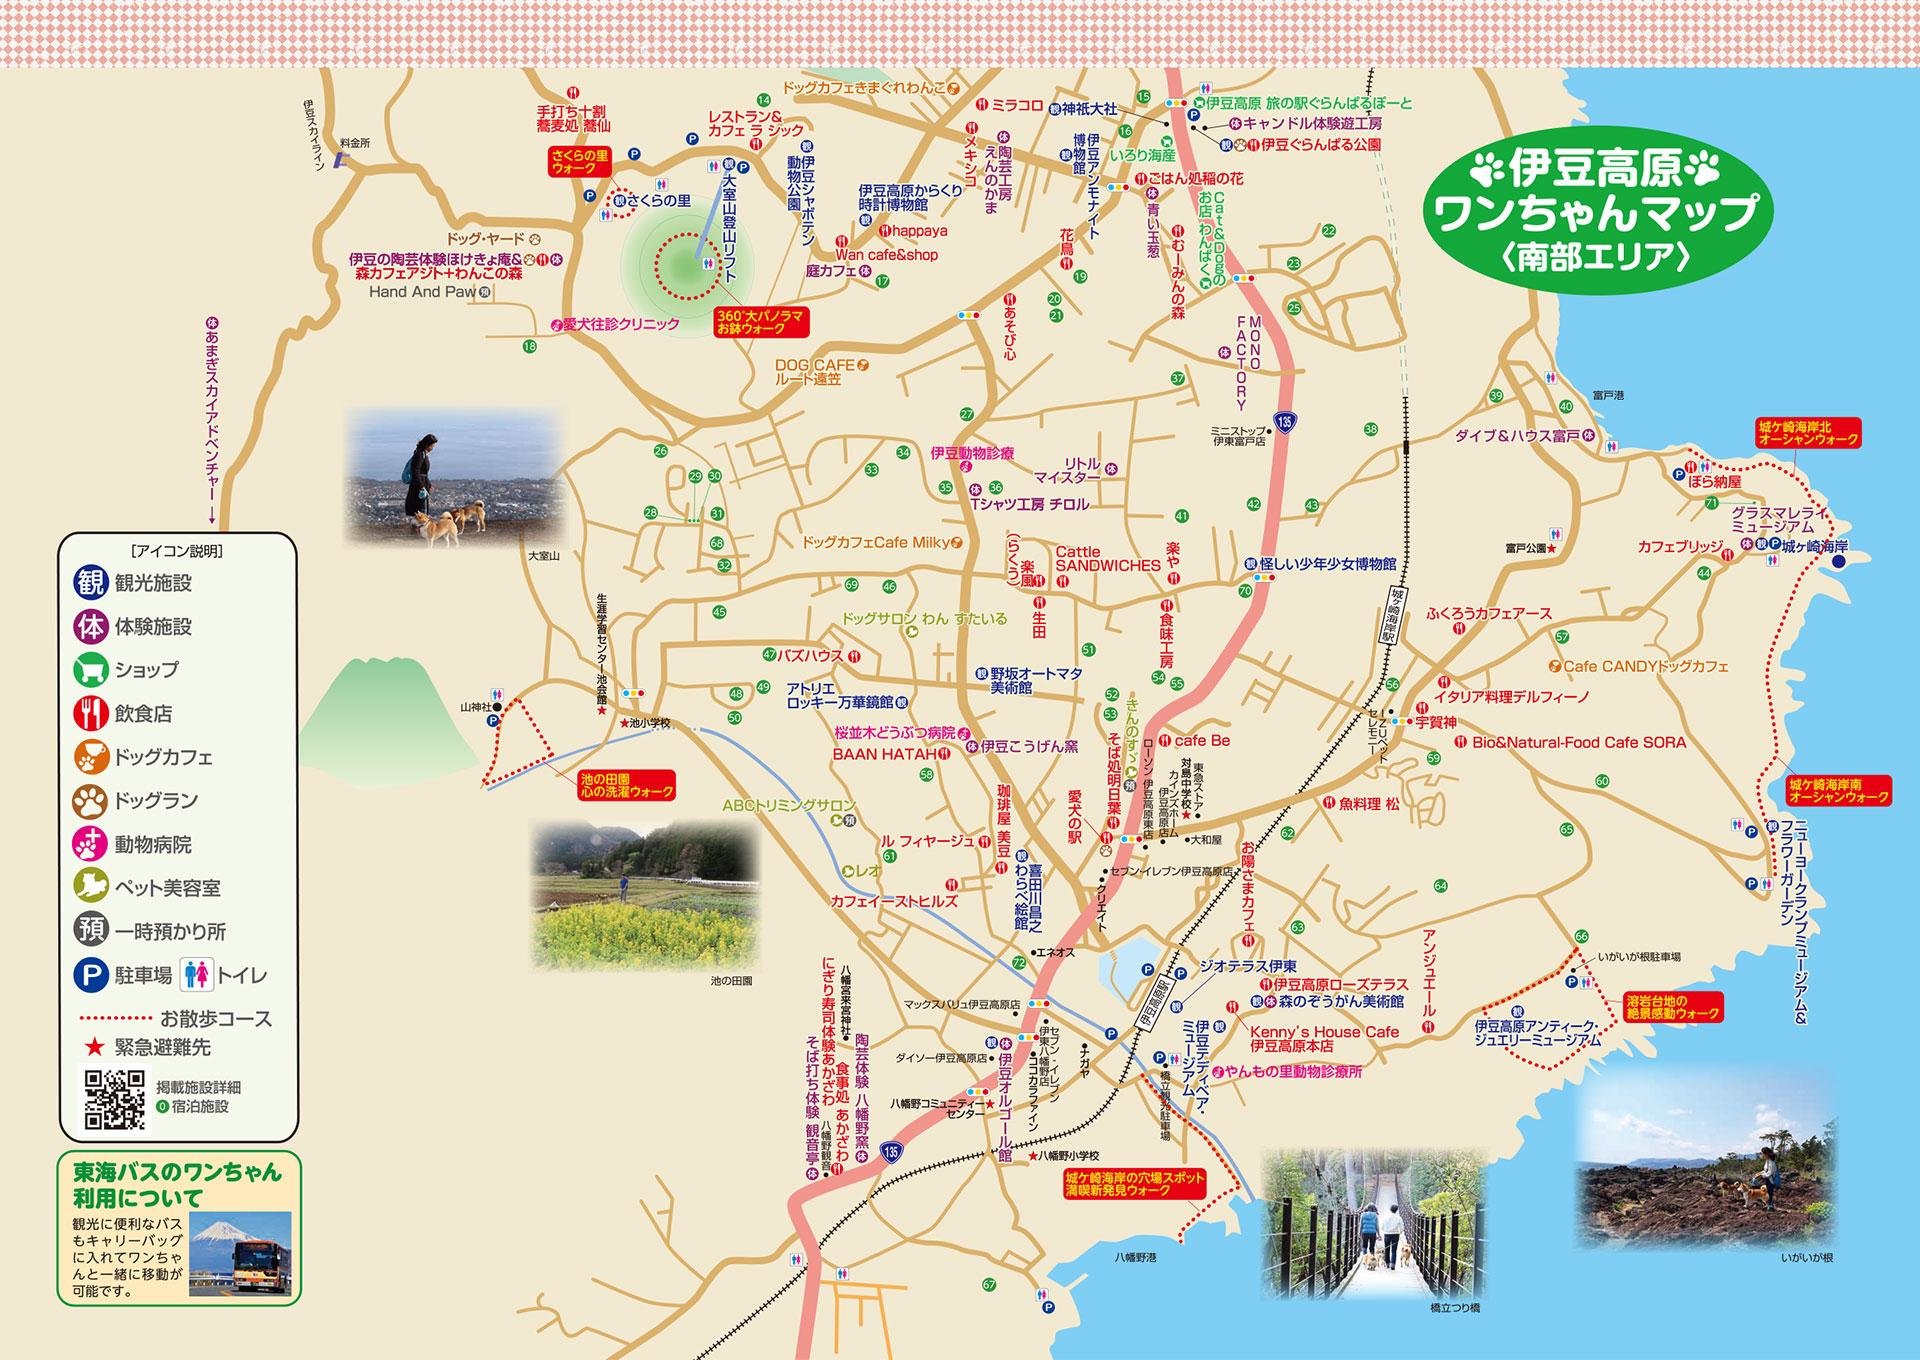 伊豆高原お散歩MAP南部エリア